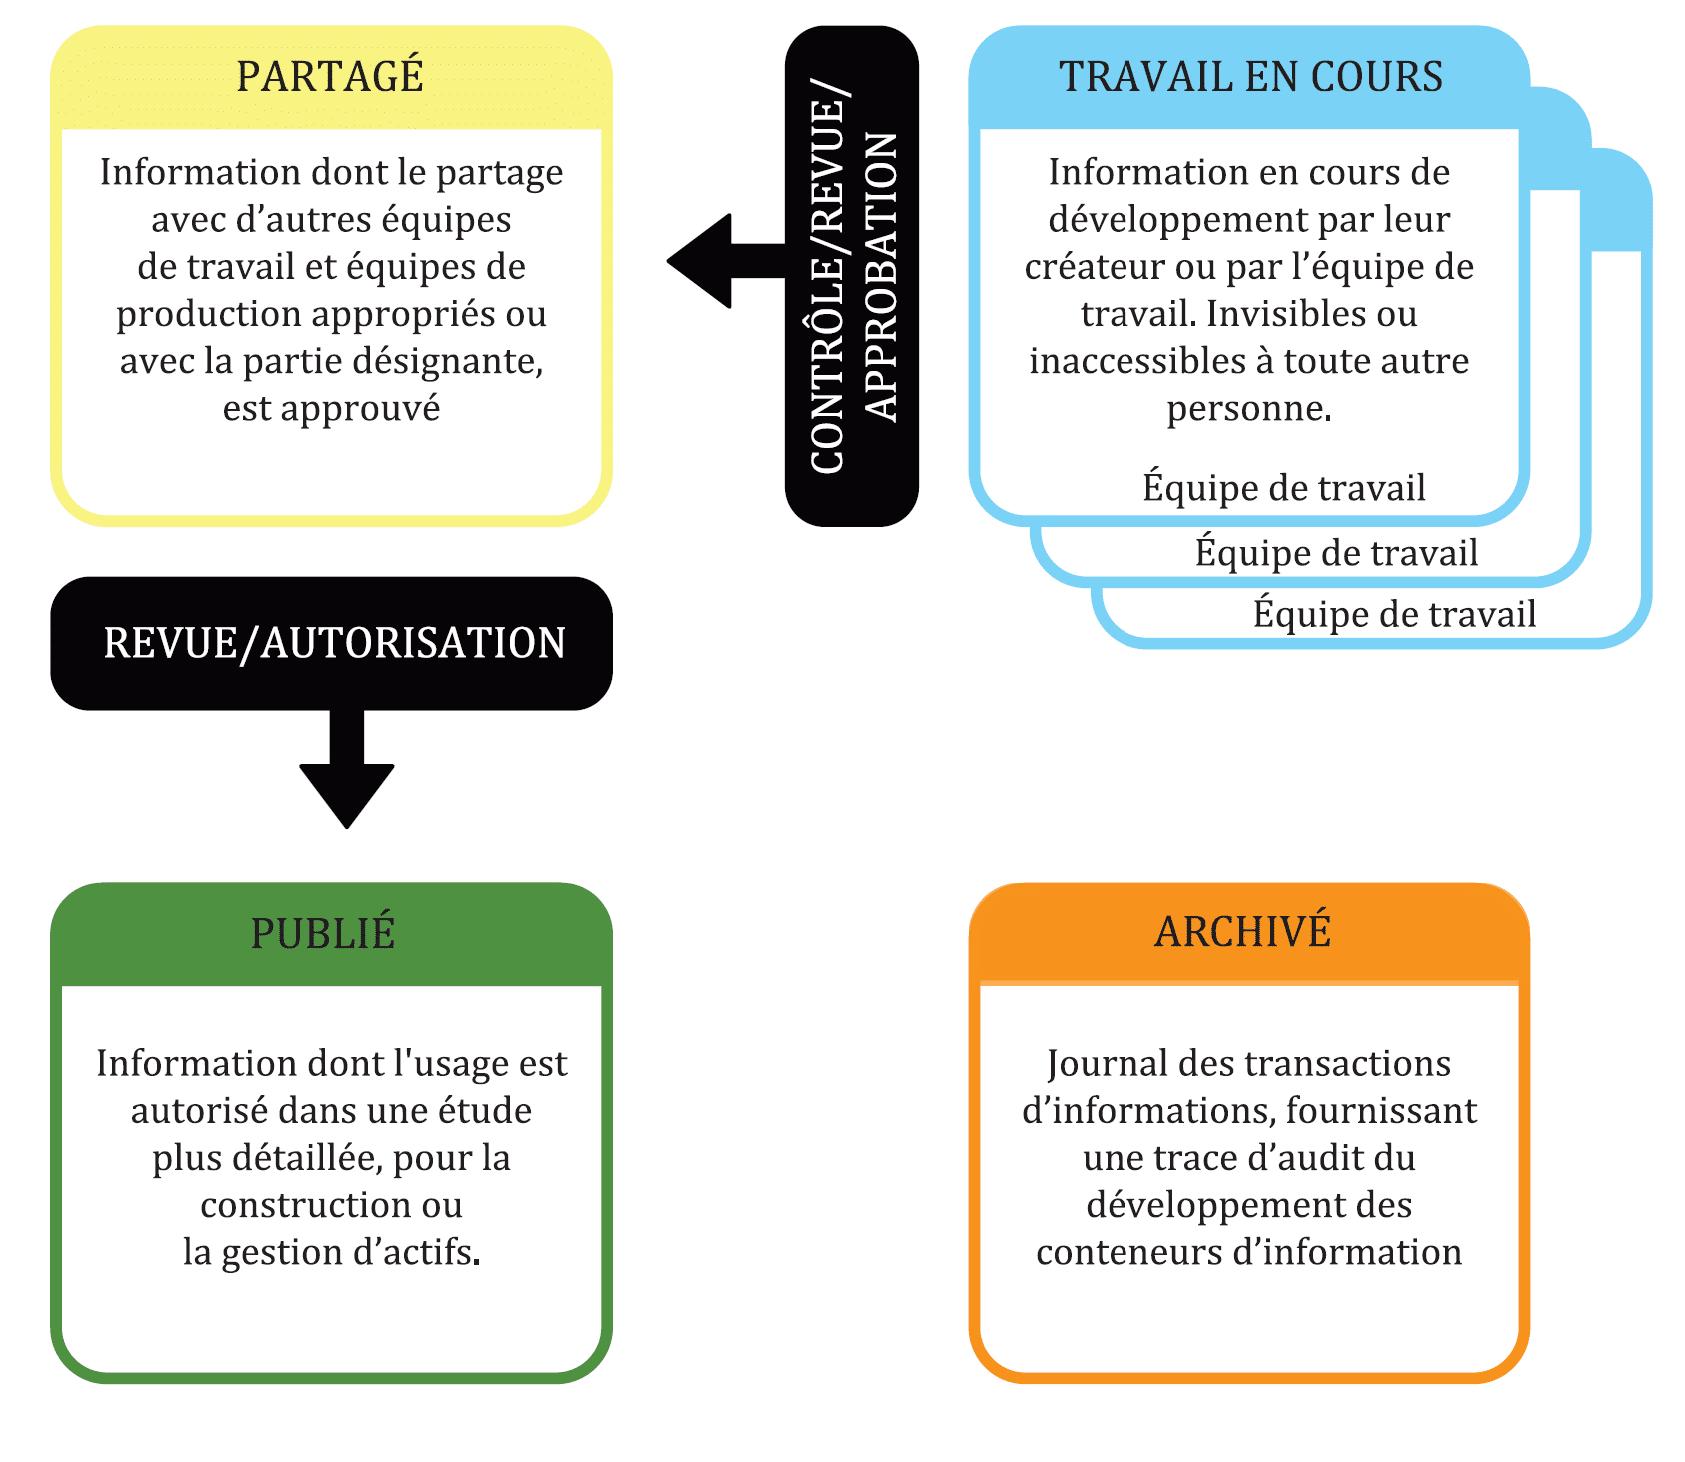 Plateforme BIM et changement de statut selon la norme ISO-19650